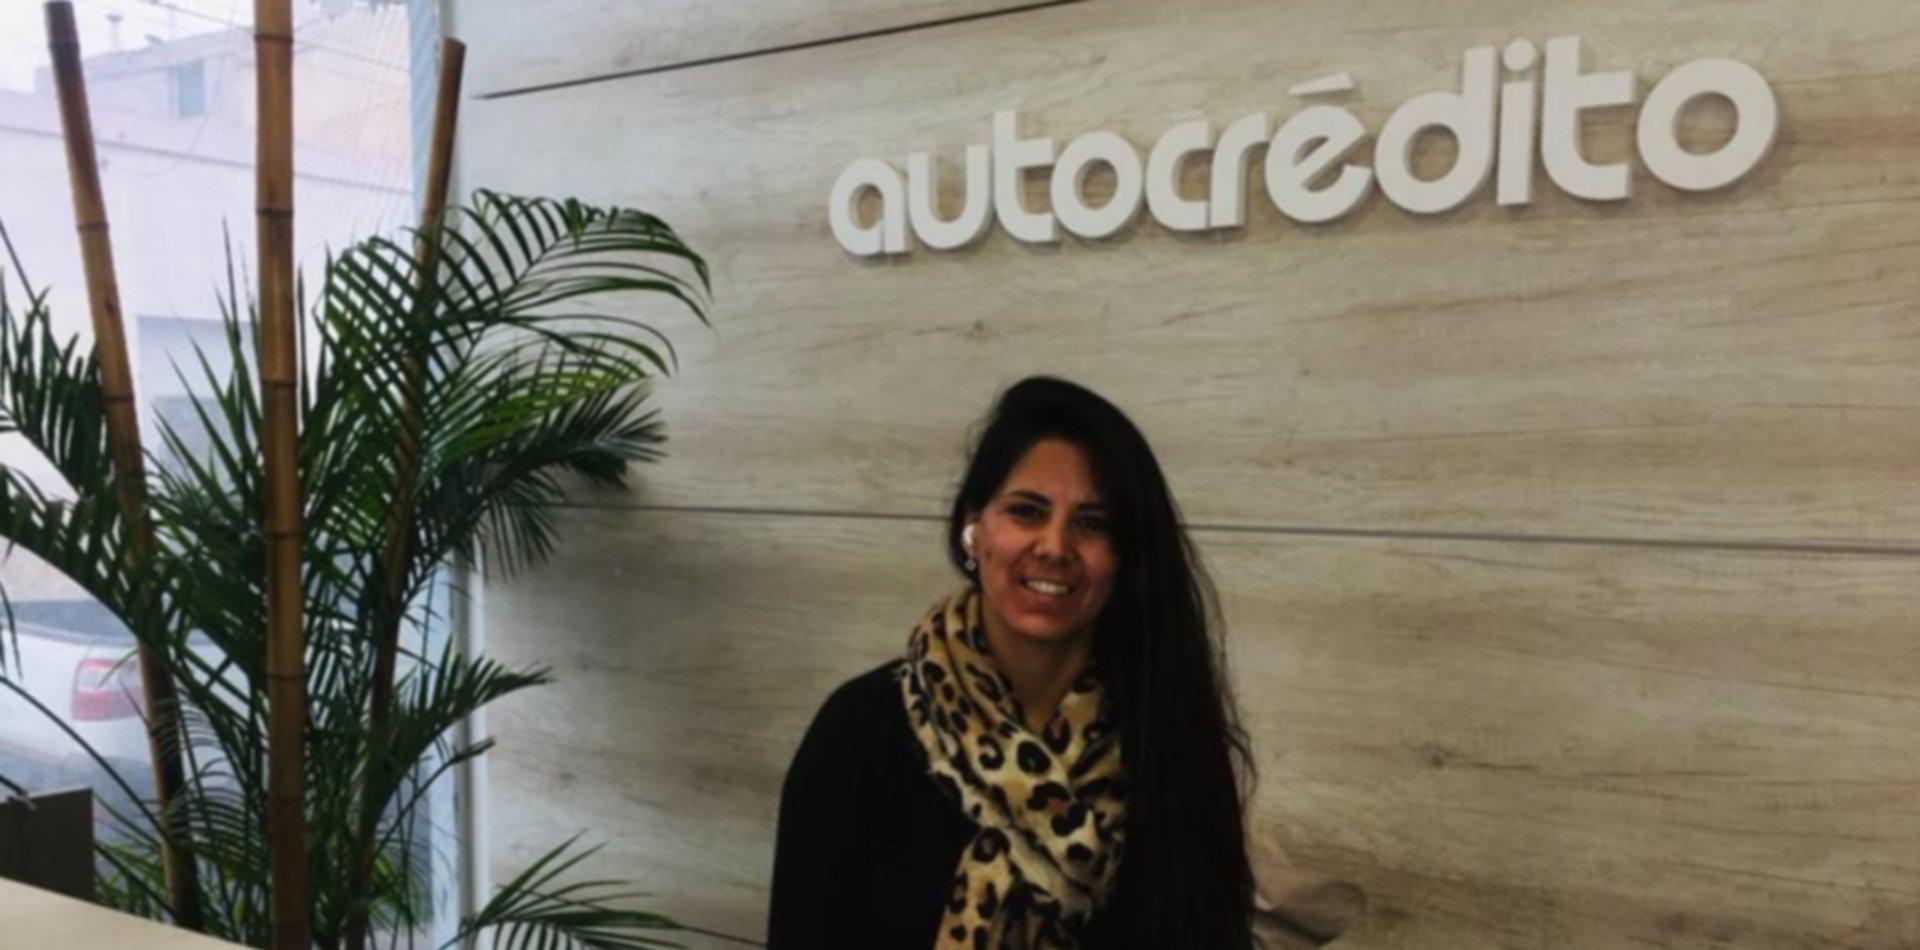 Autocrédito lanza un plan de nuevas agencias para apoyar a las mujeres emprendedoras